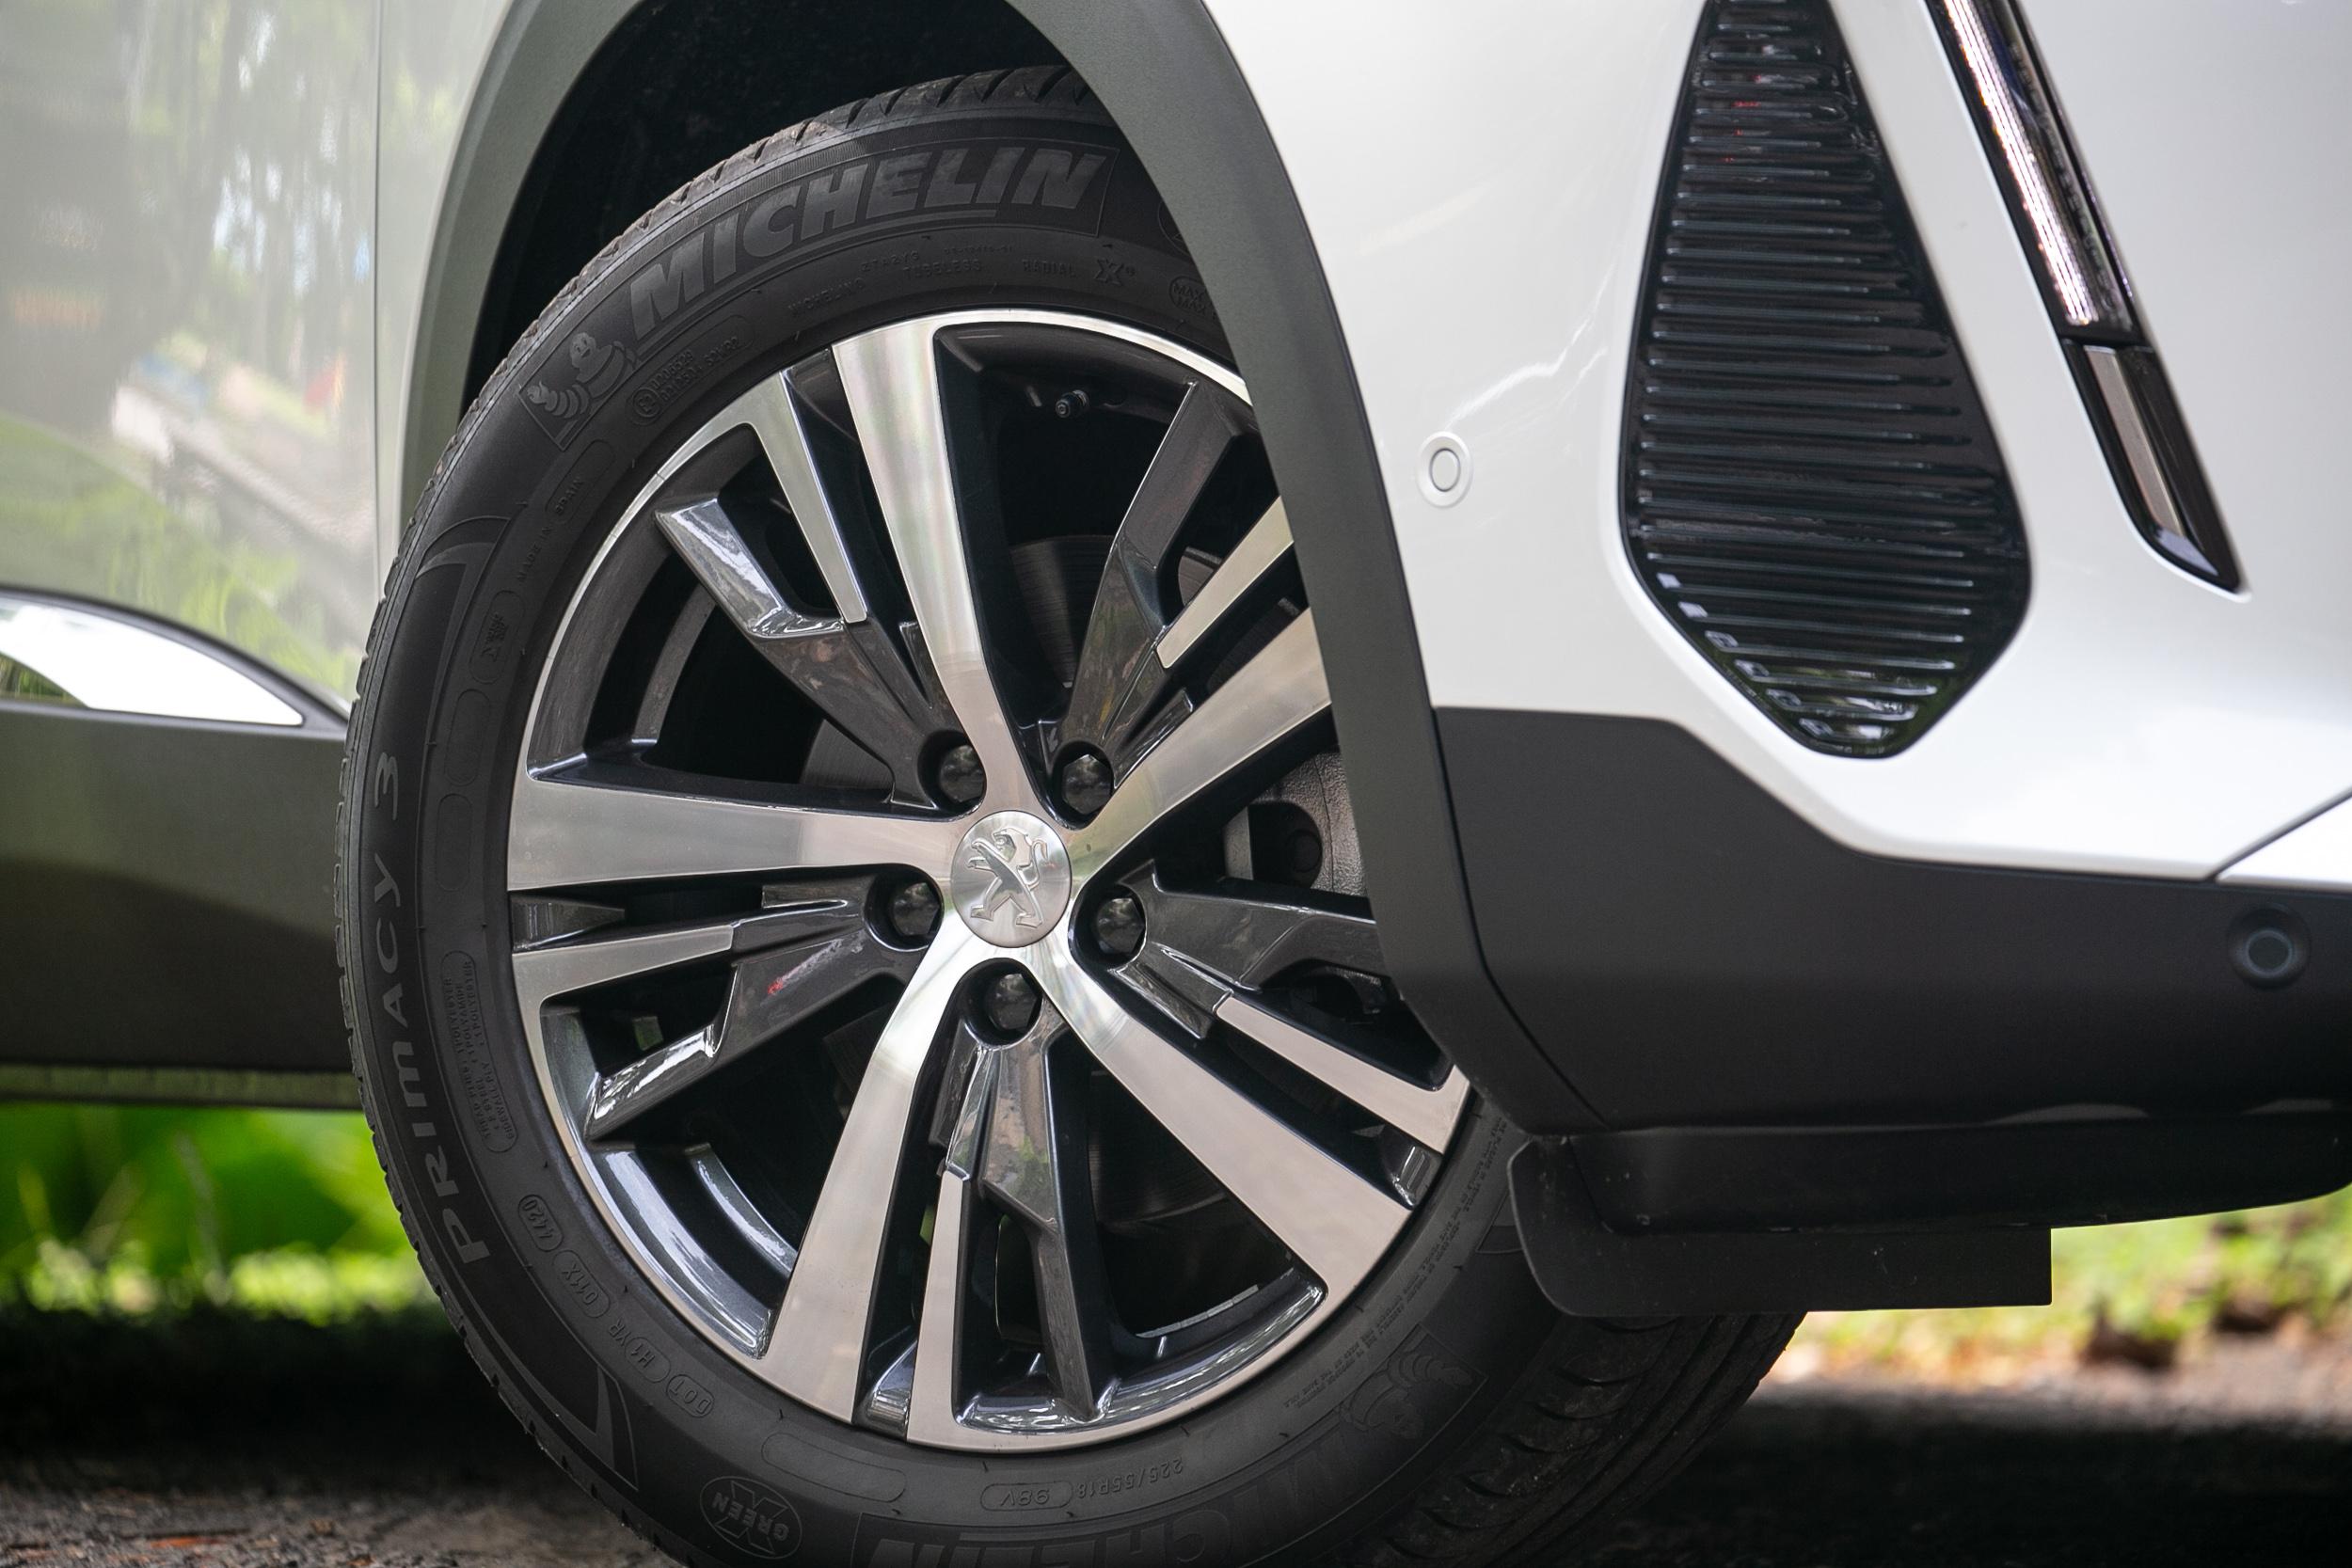 3008 與 5008 全車系都配備這一只 18 吋黑銀雙彩鋁合金輪圈。